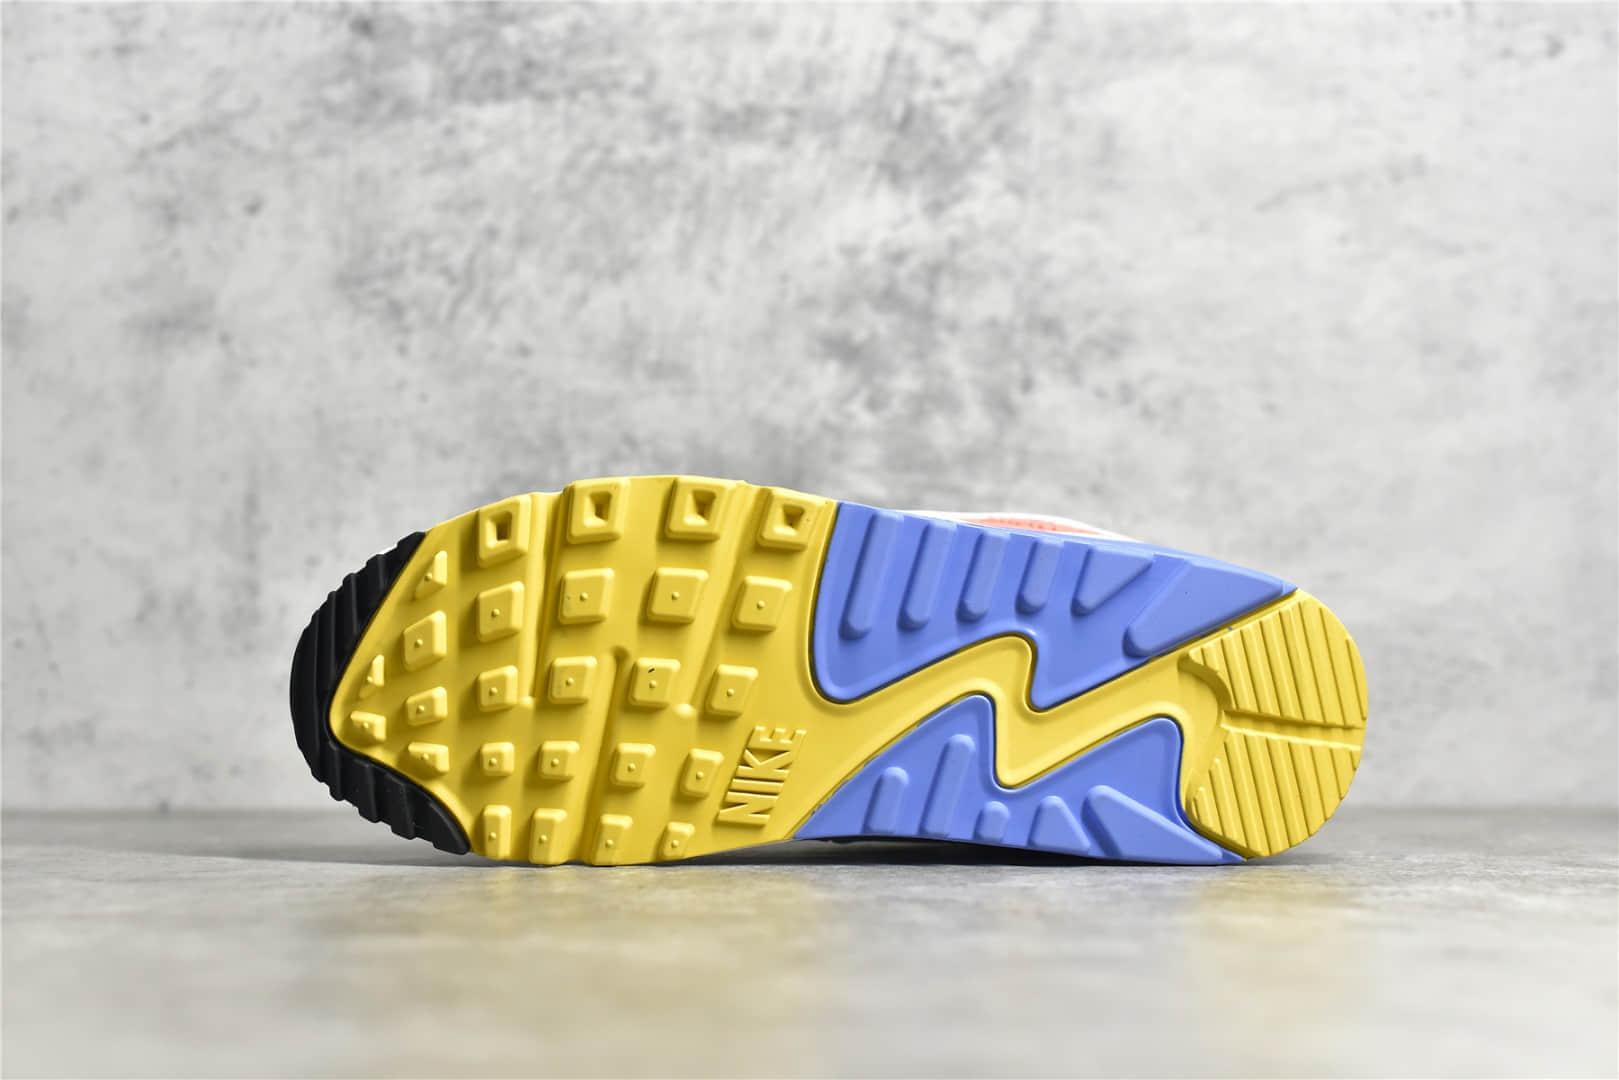 耐克MAX90白黄蓝复古跑鞋 Nike Air Max 90 耐克老爹鞋 耐克经典MAX90气垫跑鞋原厂品质 货号:CZ3950-100-潮流者之家